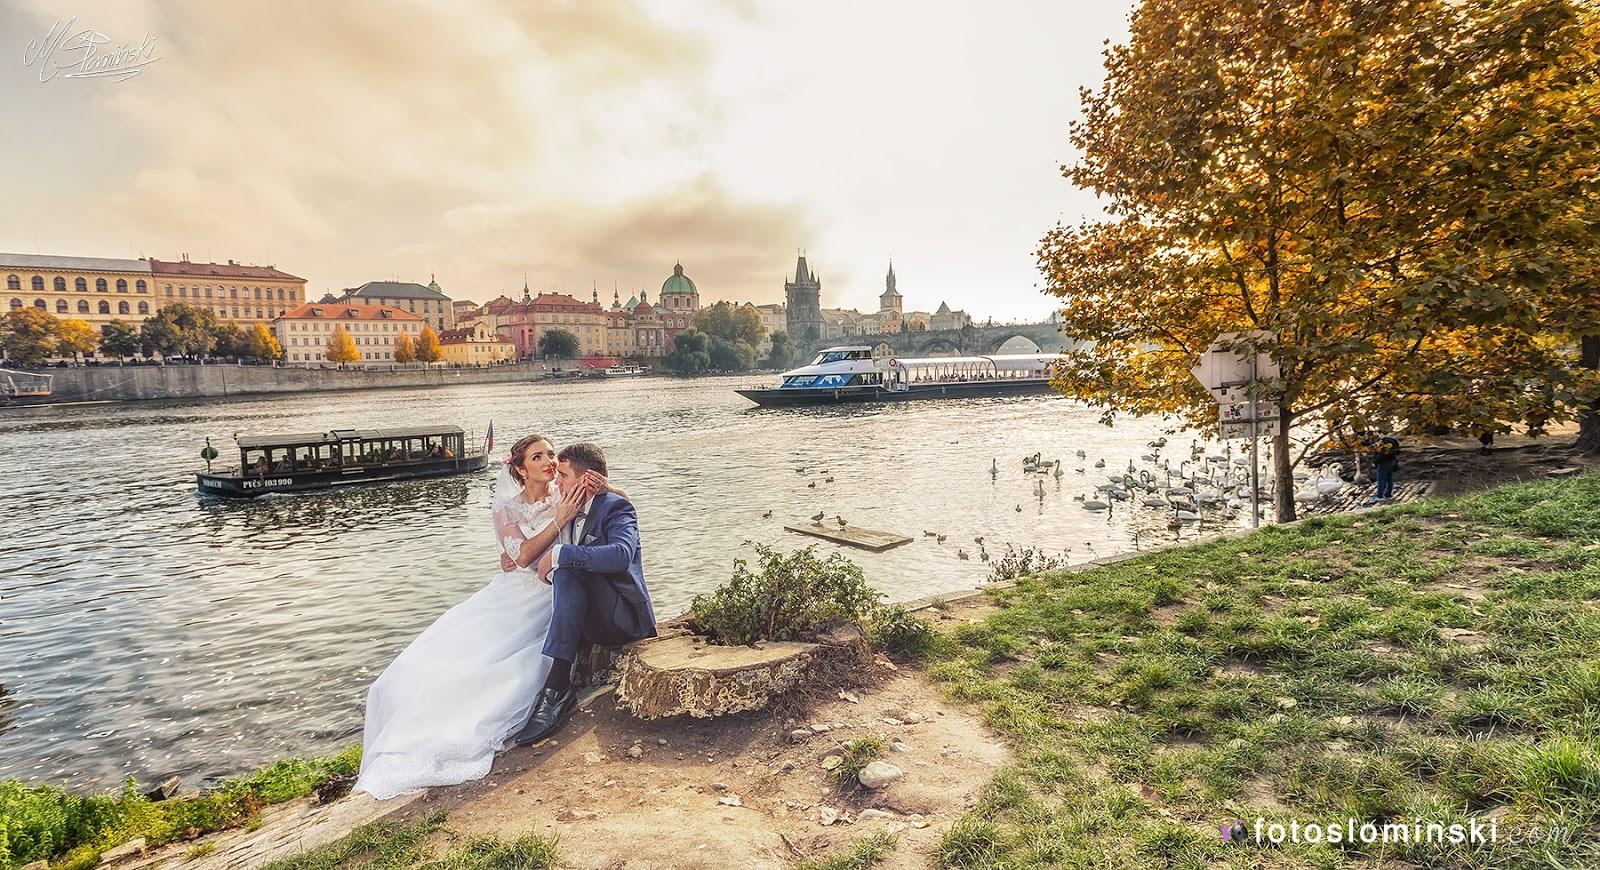 10 najlepszych zdjęć ślubnych 2016 roku - #ZdjęciaSłomińskiego - Fotografia ślubna Wrocław SŁOMIŃSKI.